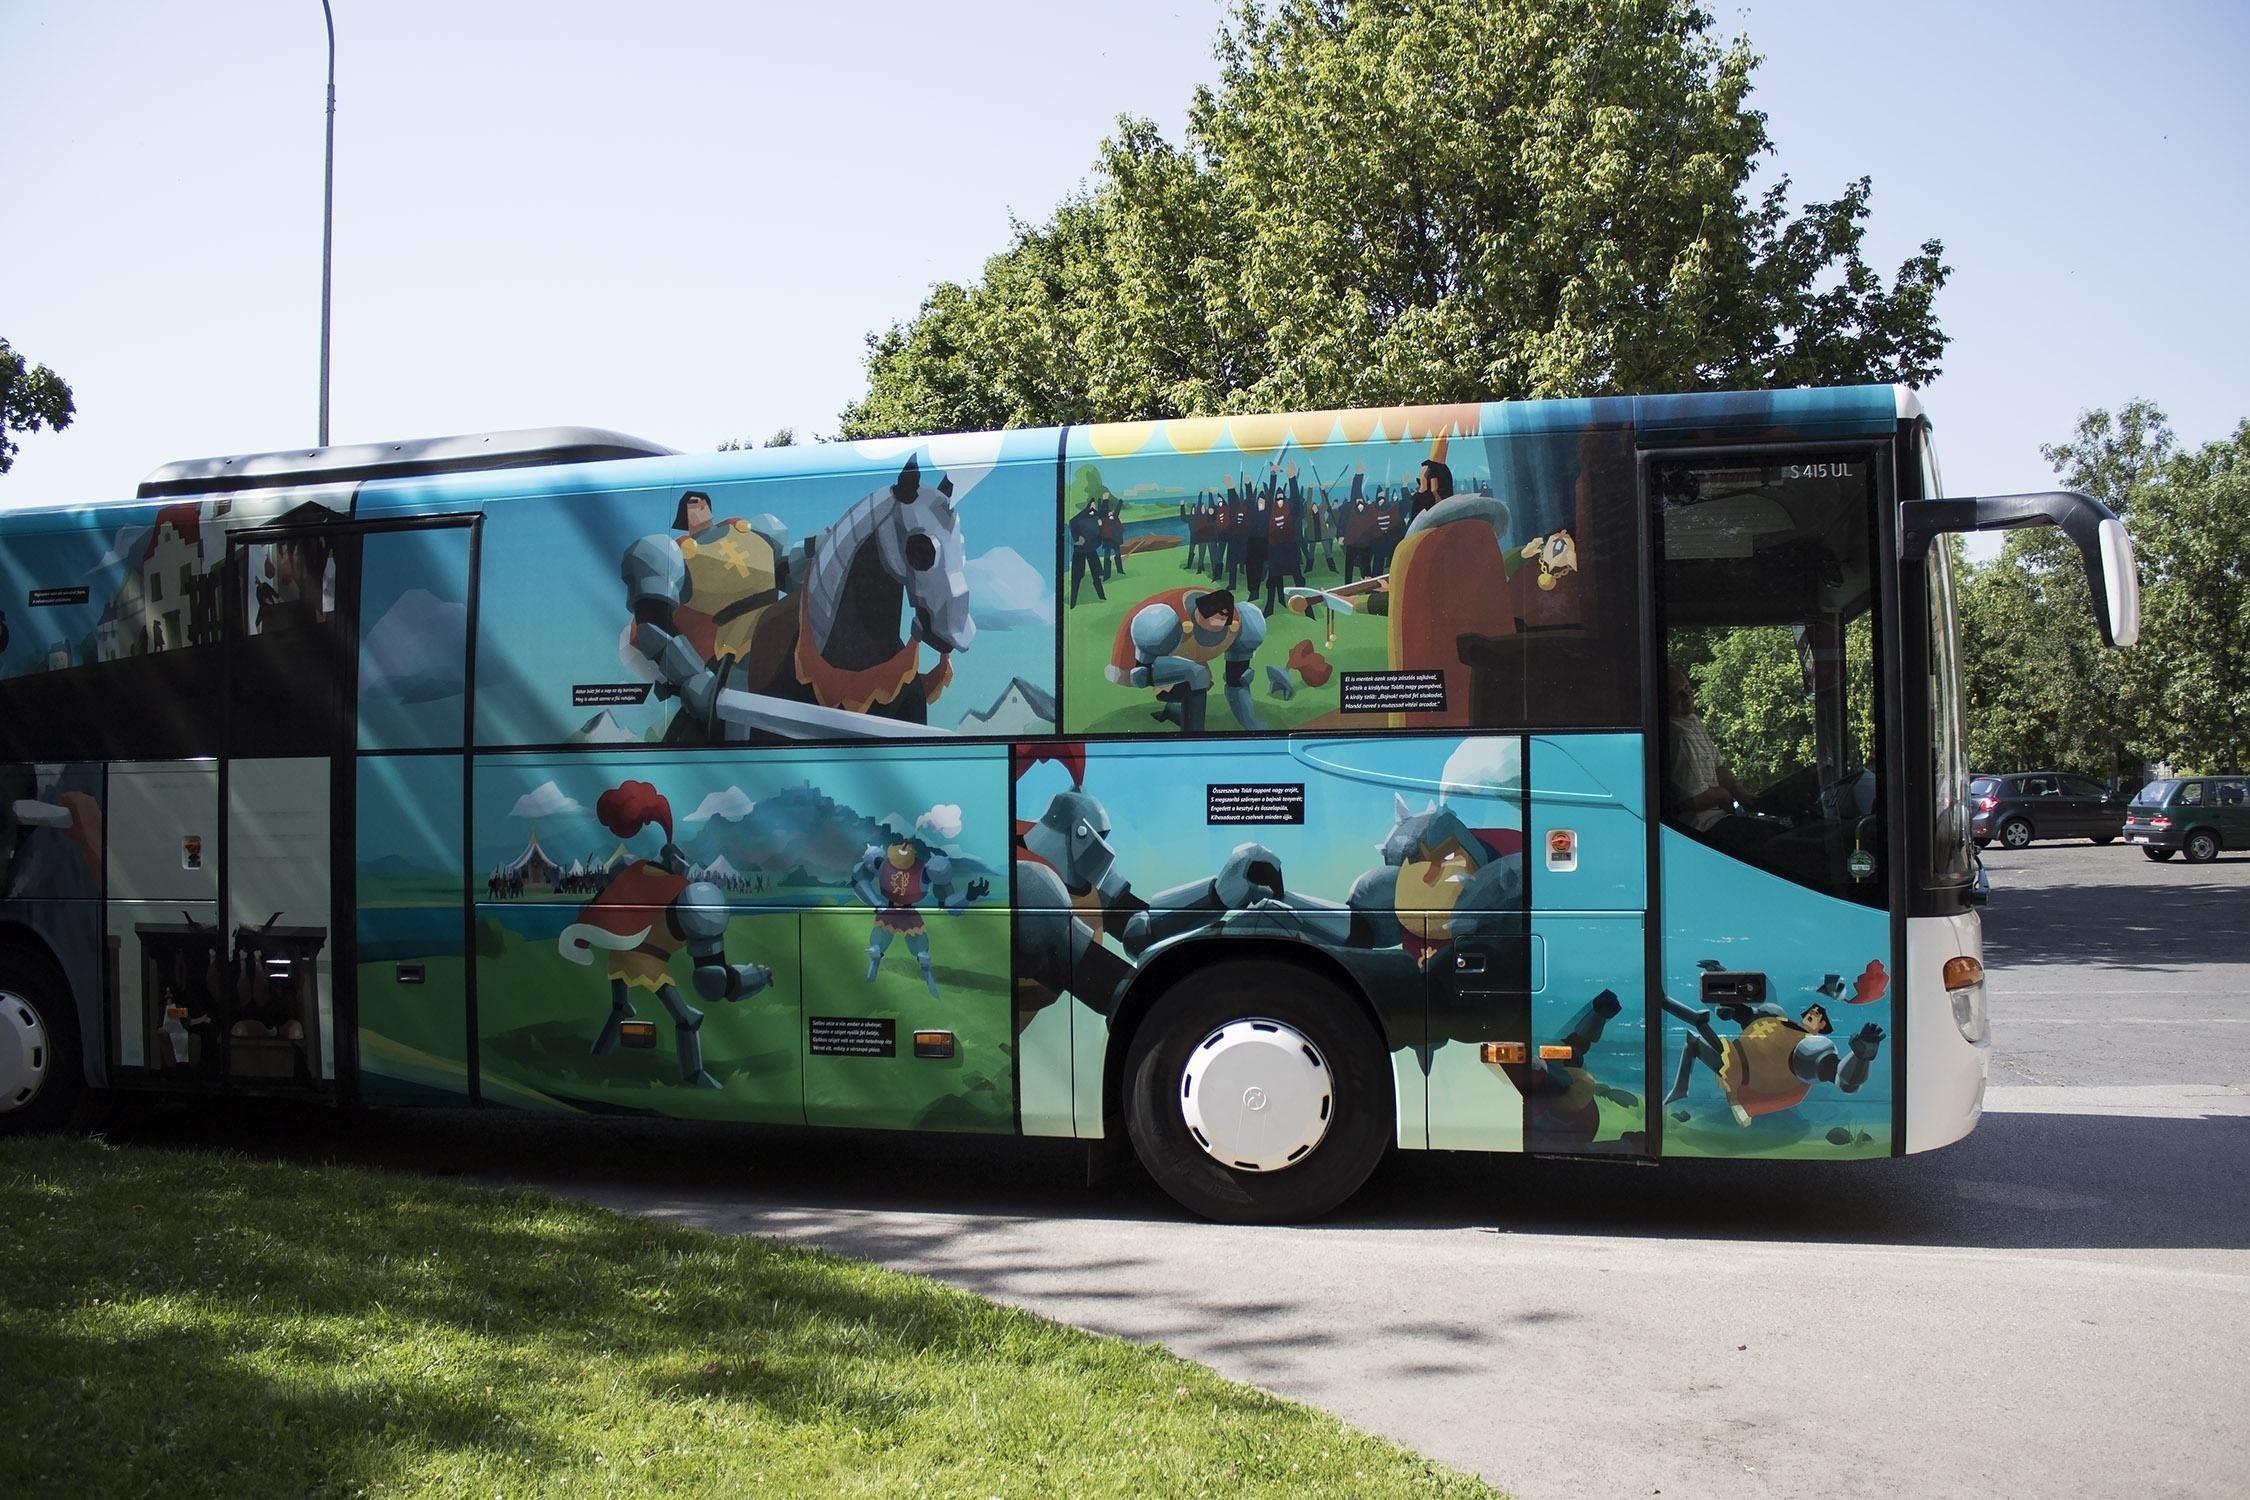 Kecskemétre érkezik az Arany 200 busz